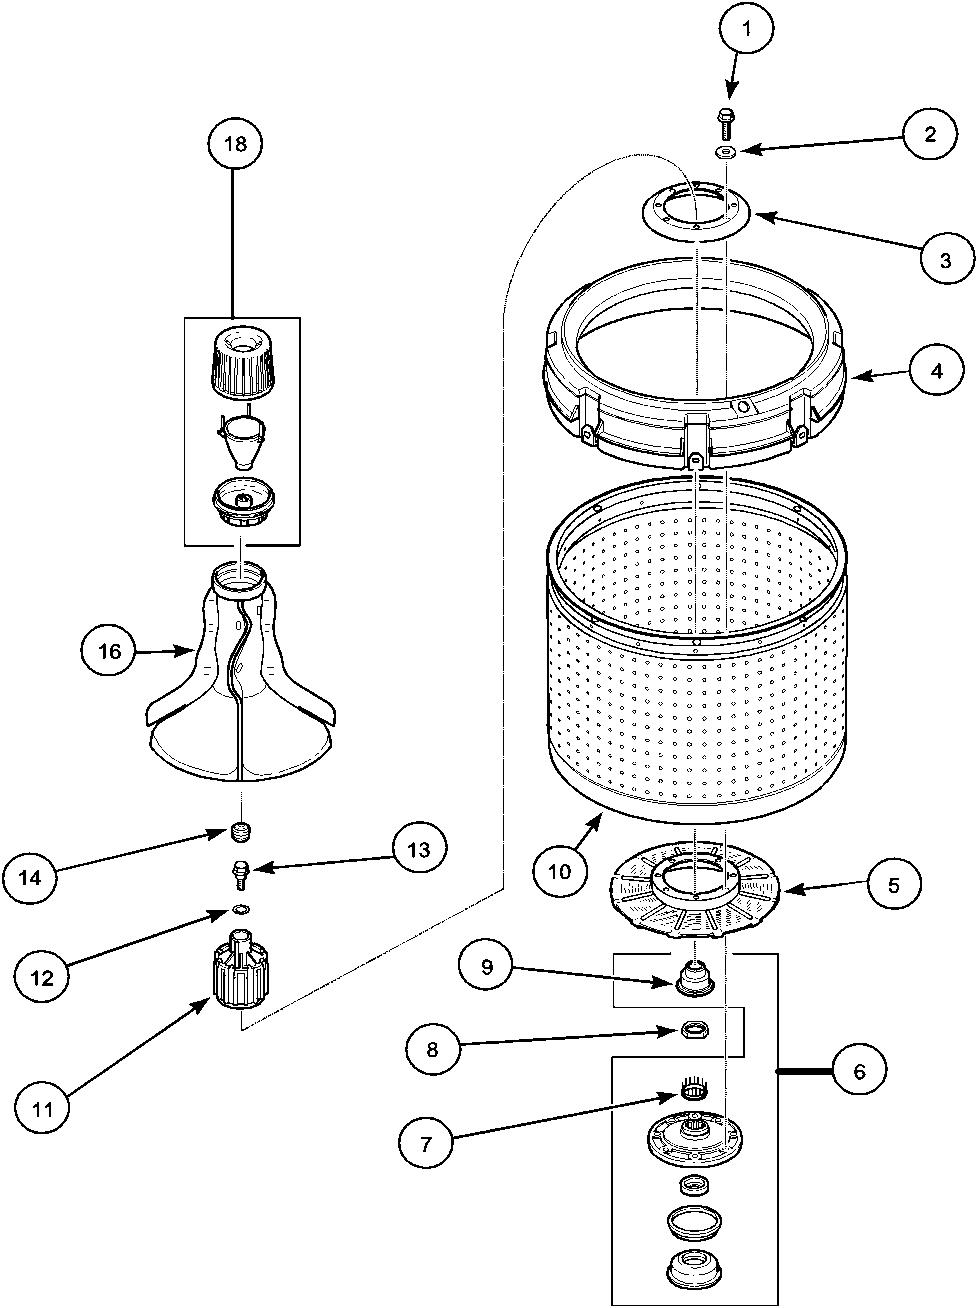 Amana model lwa40aw2 plwa40aw2 residential washers genuine parts rh searspartsdirect washing machine parts diagram amana washer wiring diagram